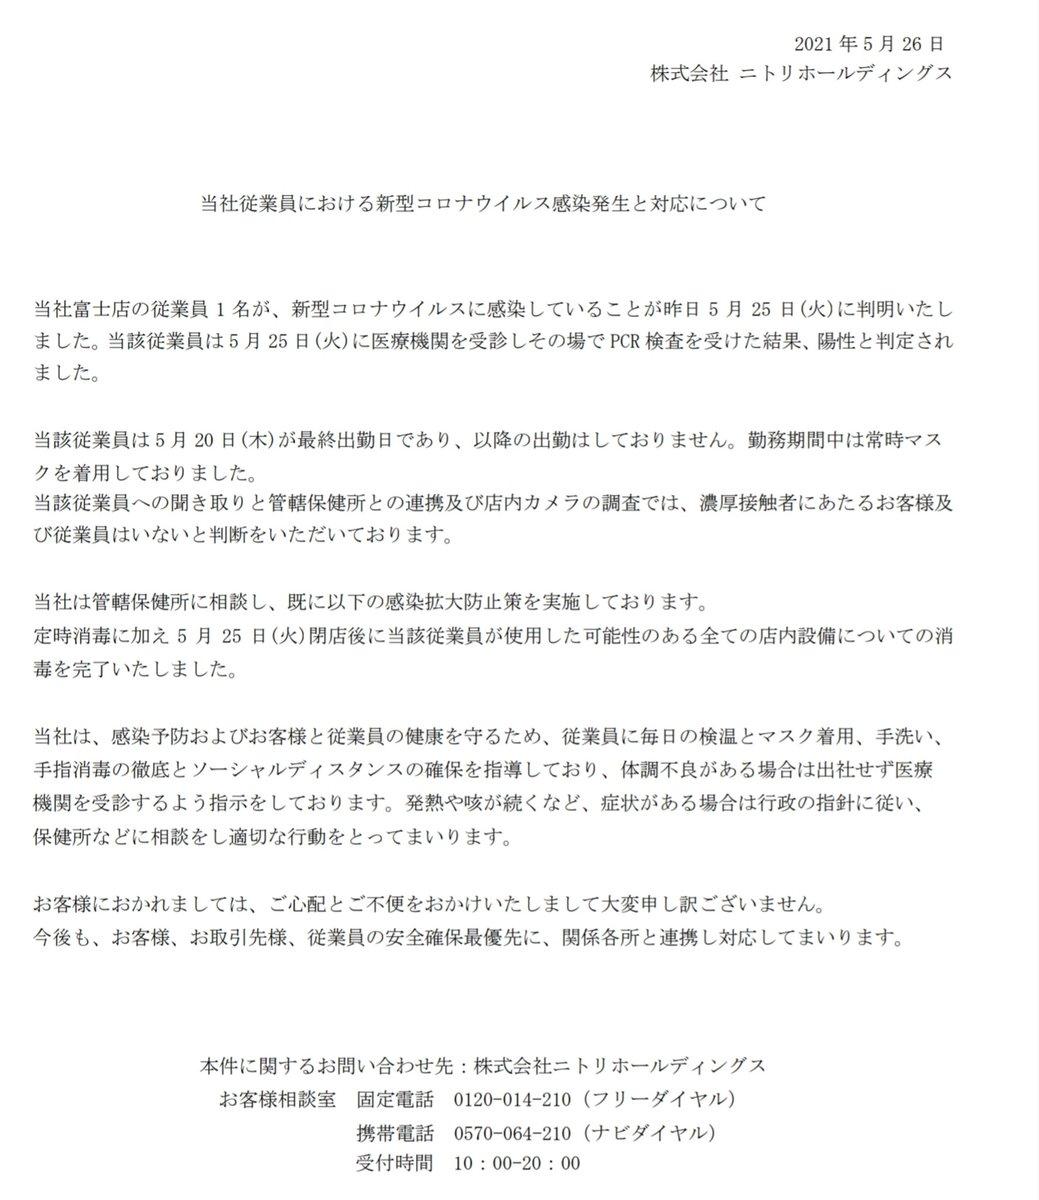 浜松 コロナ 市 感染 静岡 者 県 コロナ急増 浜松市独自の「感染拡大警戒宣言」(静岡県)(静岡放送(SBS))